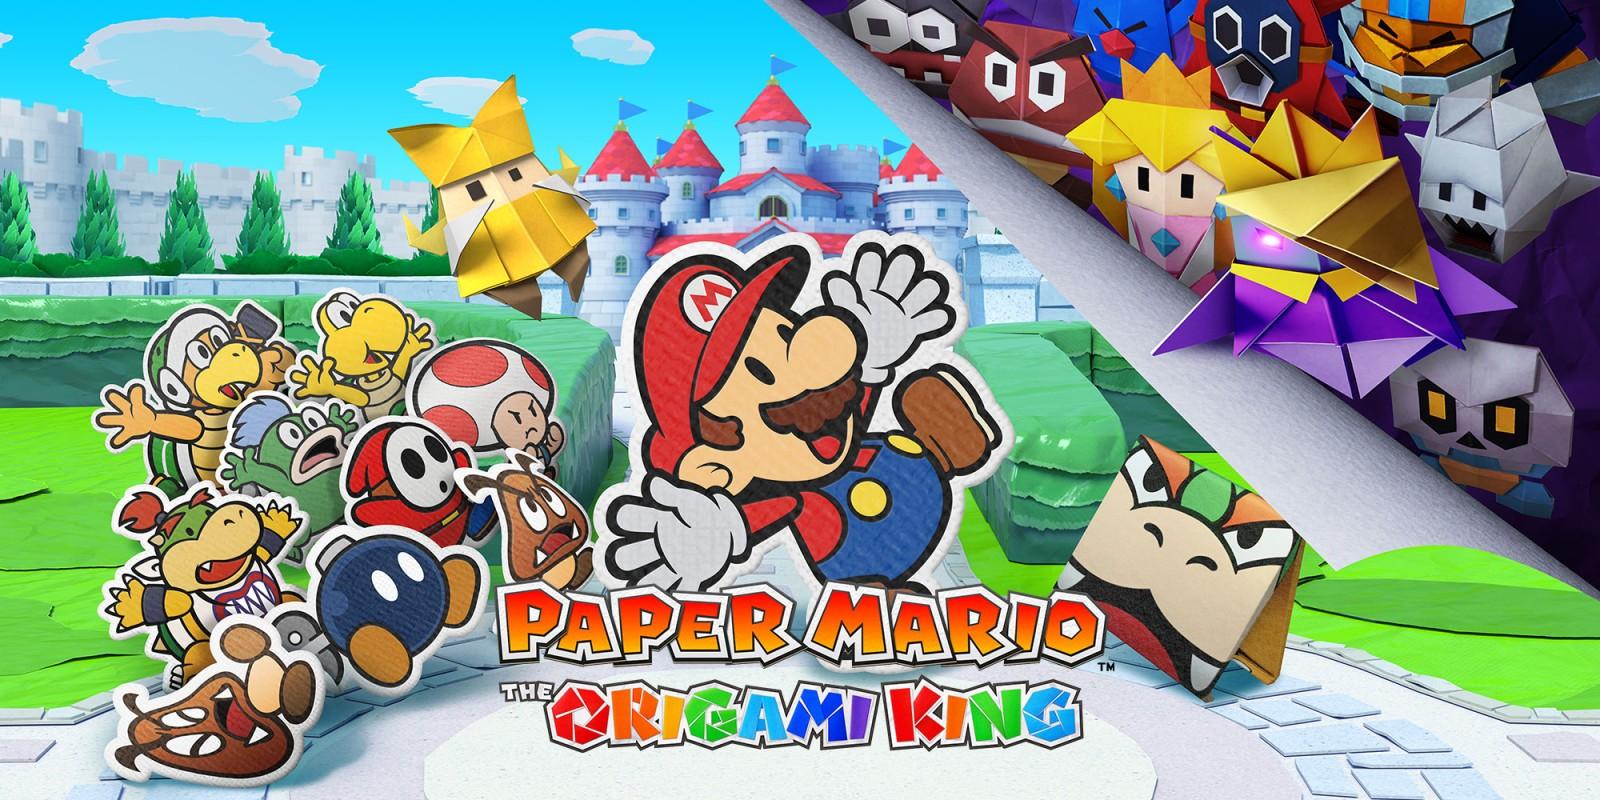 Paper Mario: The Origami King - pubblicato un nuovo trailer | NerdPool